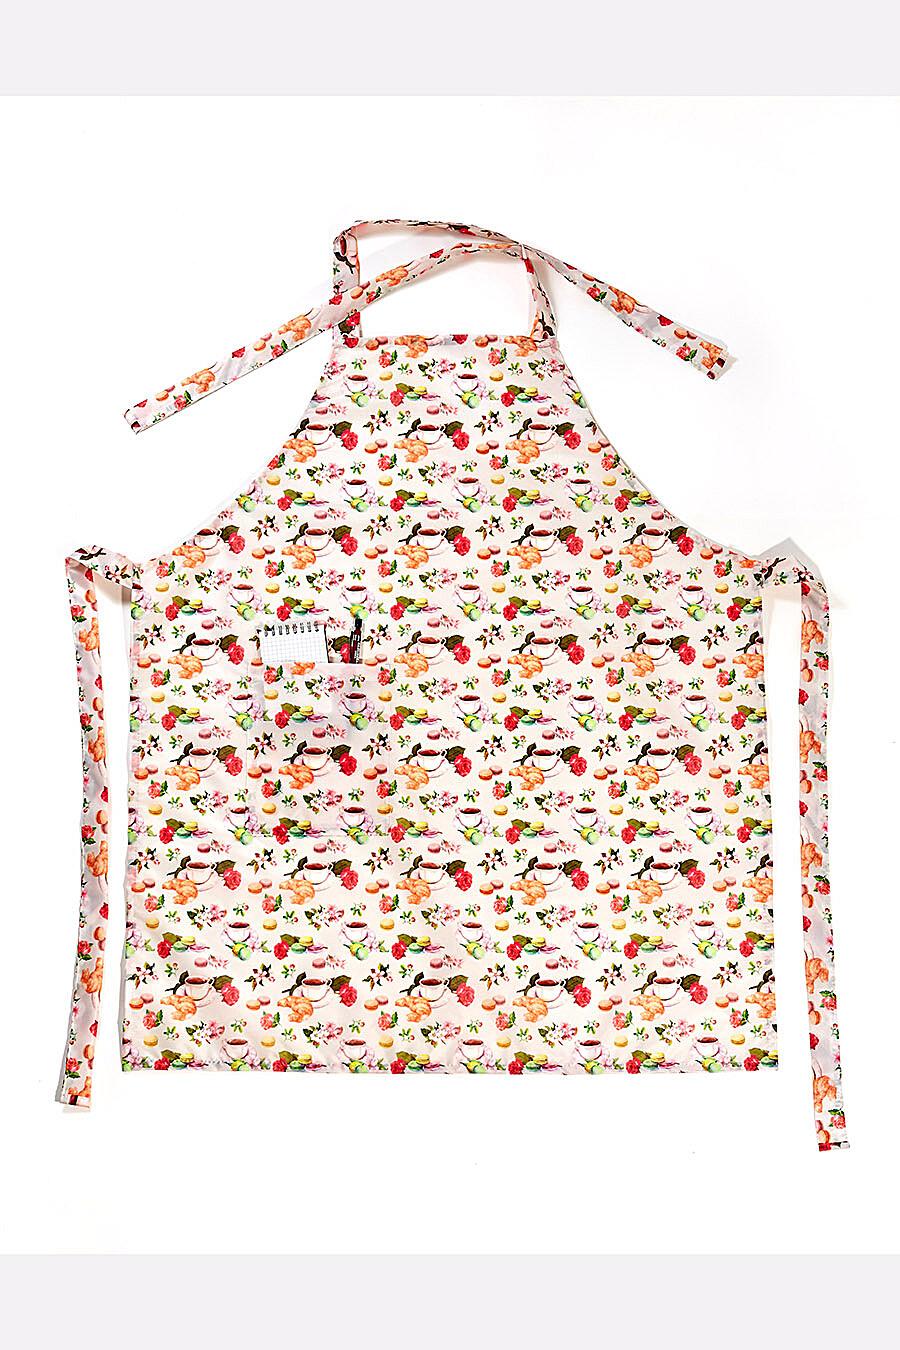 Фартук фигурный для дома ART HOME TEXTILE 121857 купить оптом от производителя. Совместная покупка товаров для дома в OptMoyo